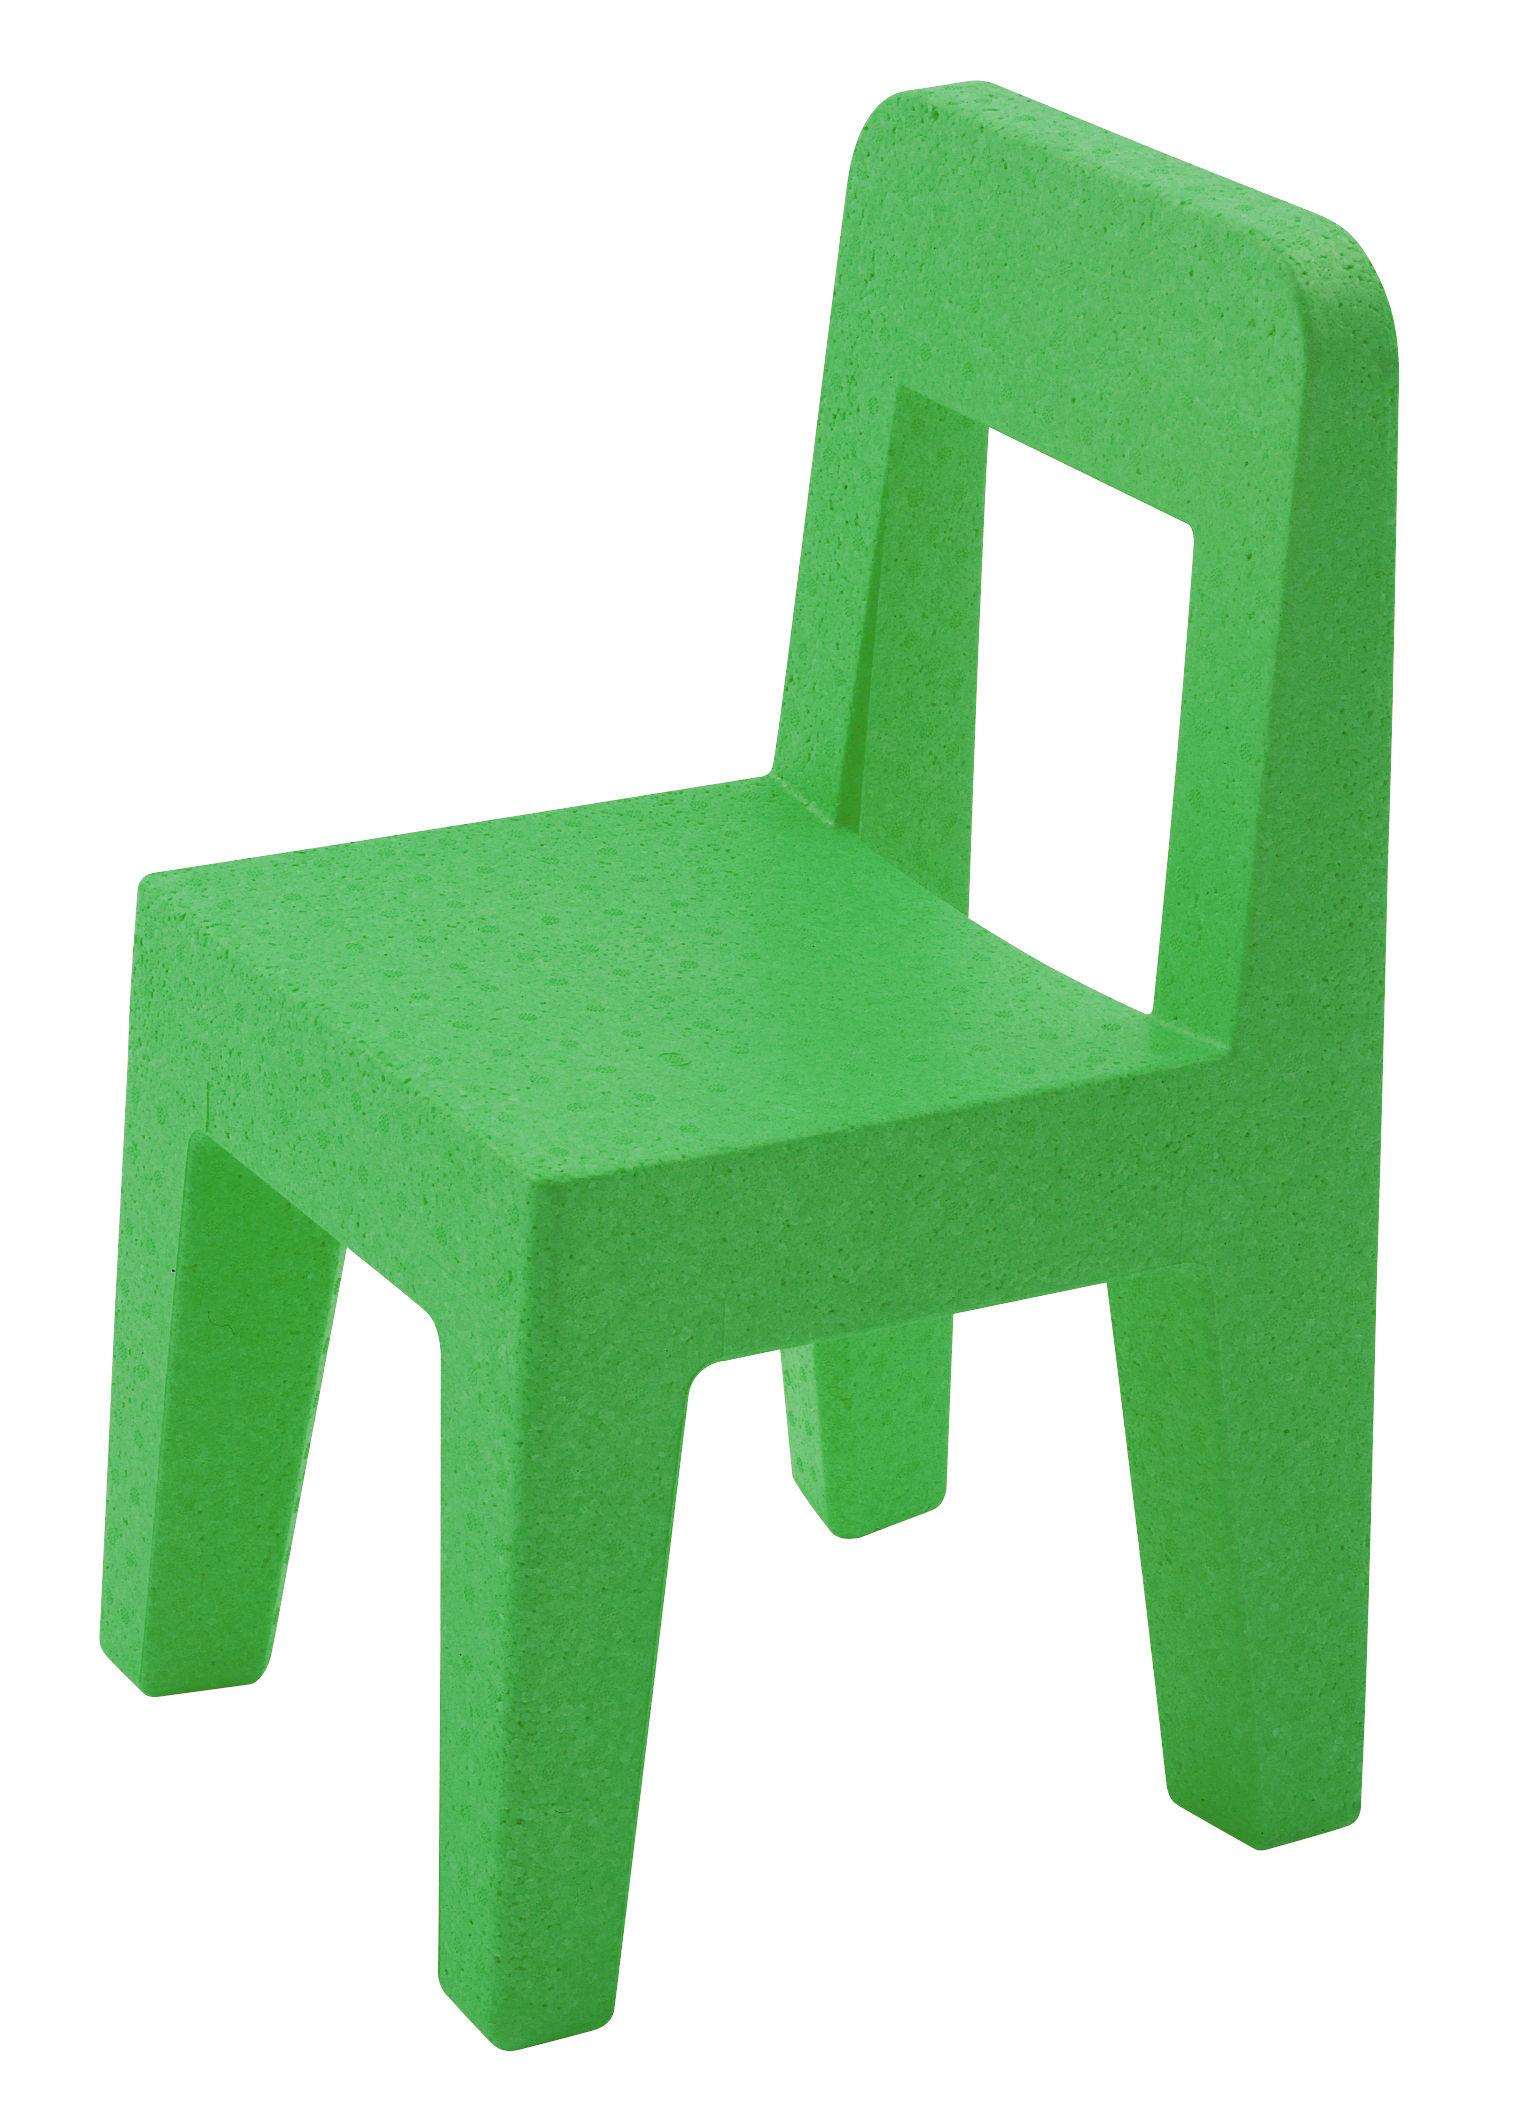 Arredamento - Mobili per bambini - Sedia per bambino Seggiolina Pop di Magis Collection Me Too - Verde - Polipropilene